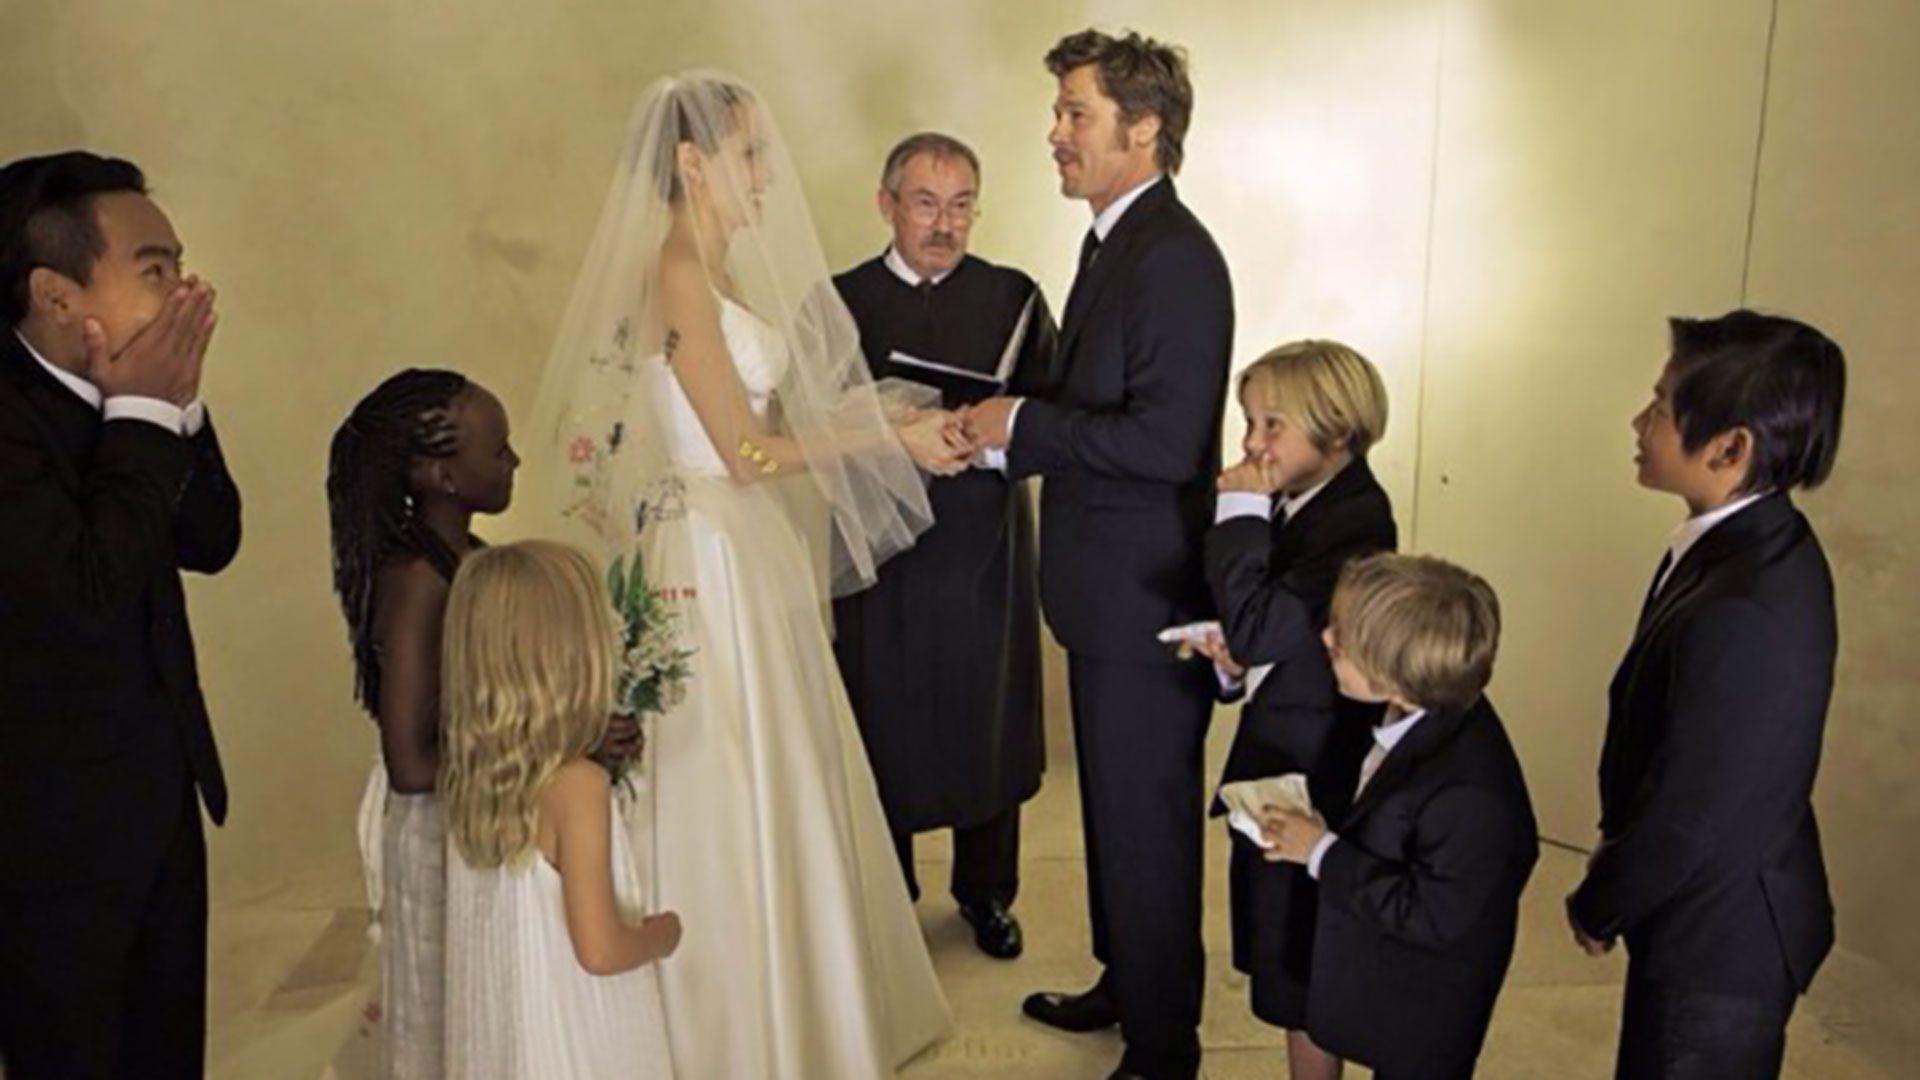 El casamiento de Brad Pitt y Angelina Jolie junto a sus seis hijos